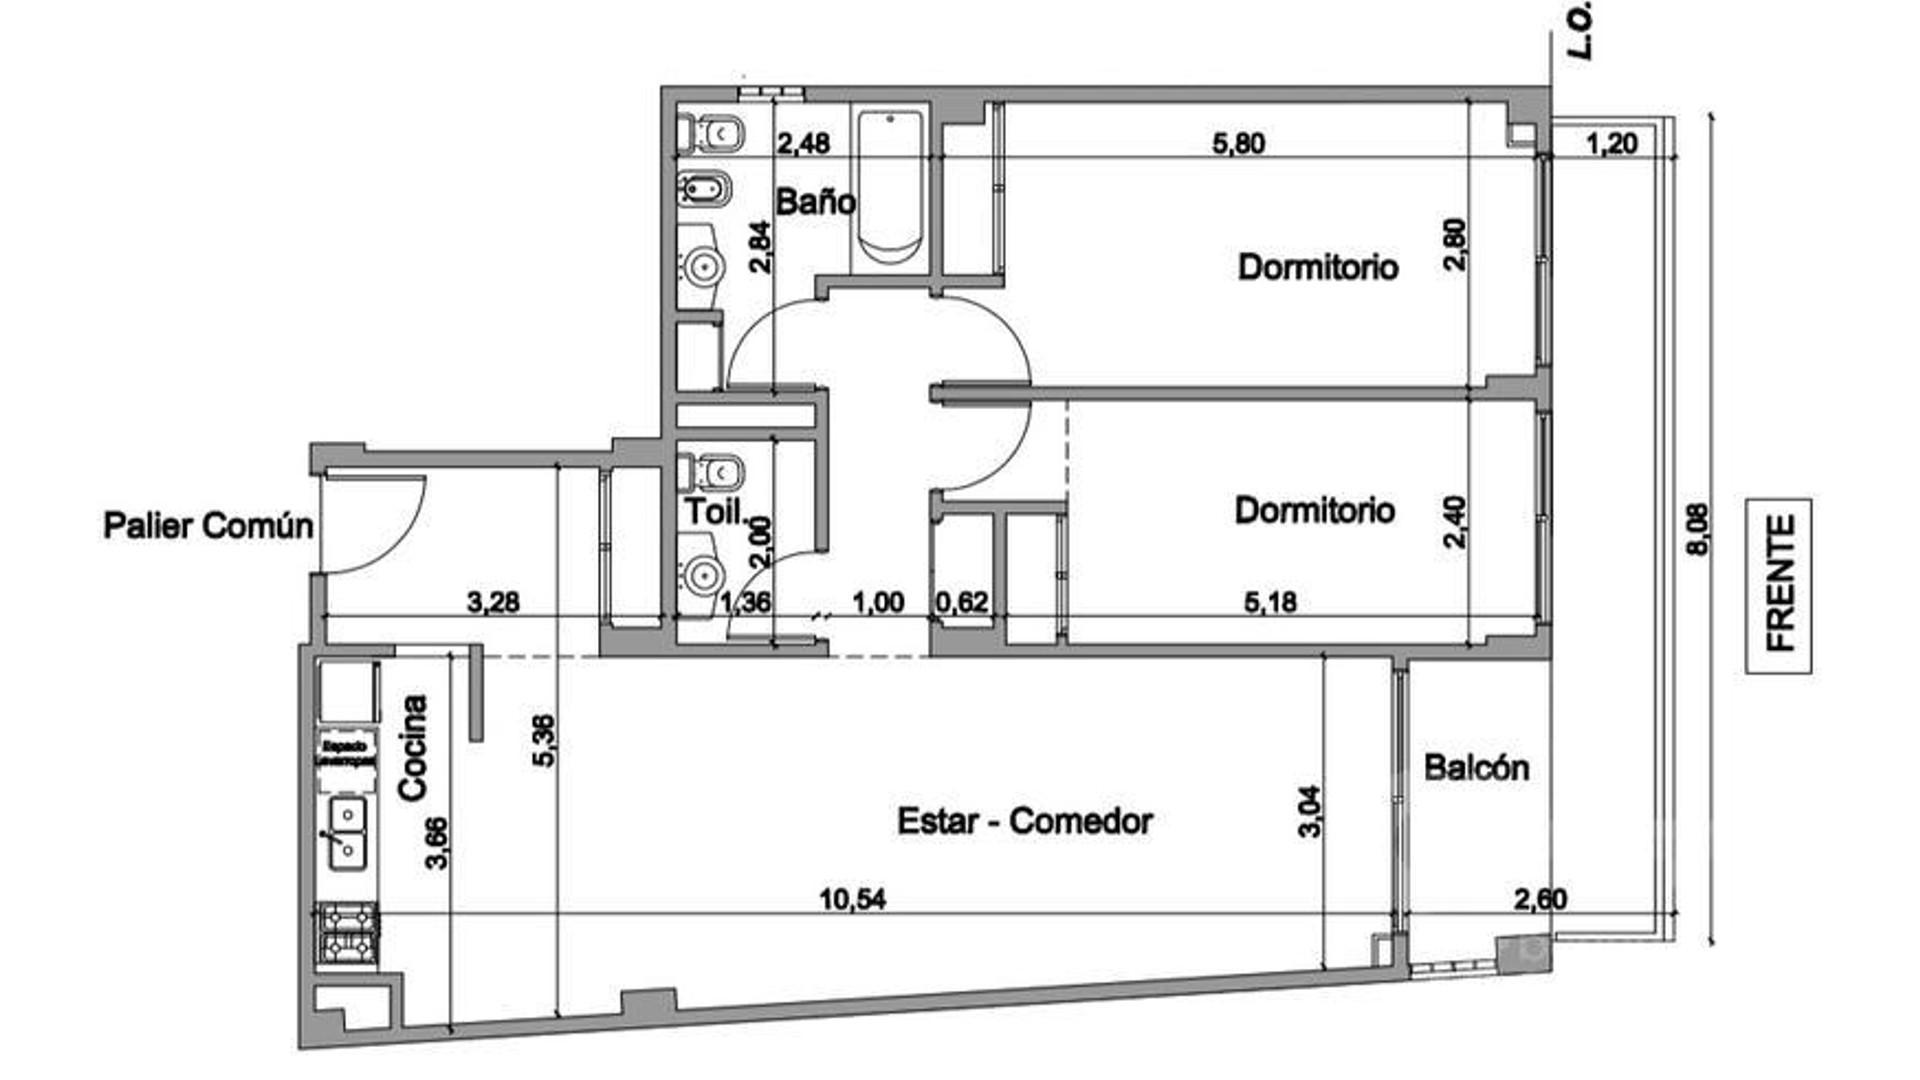 Emprendimiento, 1,2,3 ambientes - Av. Montes de Oca - Barracas